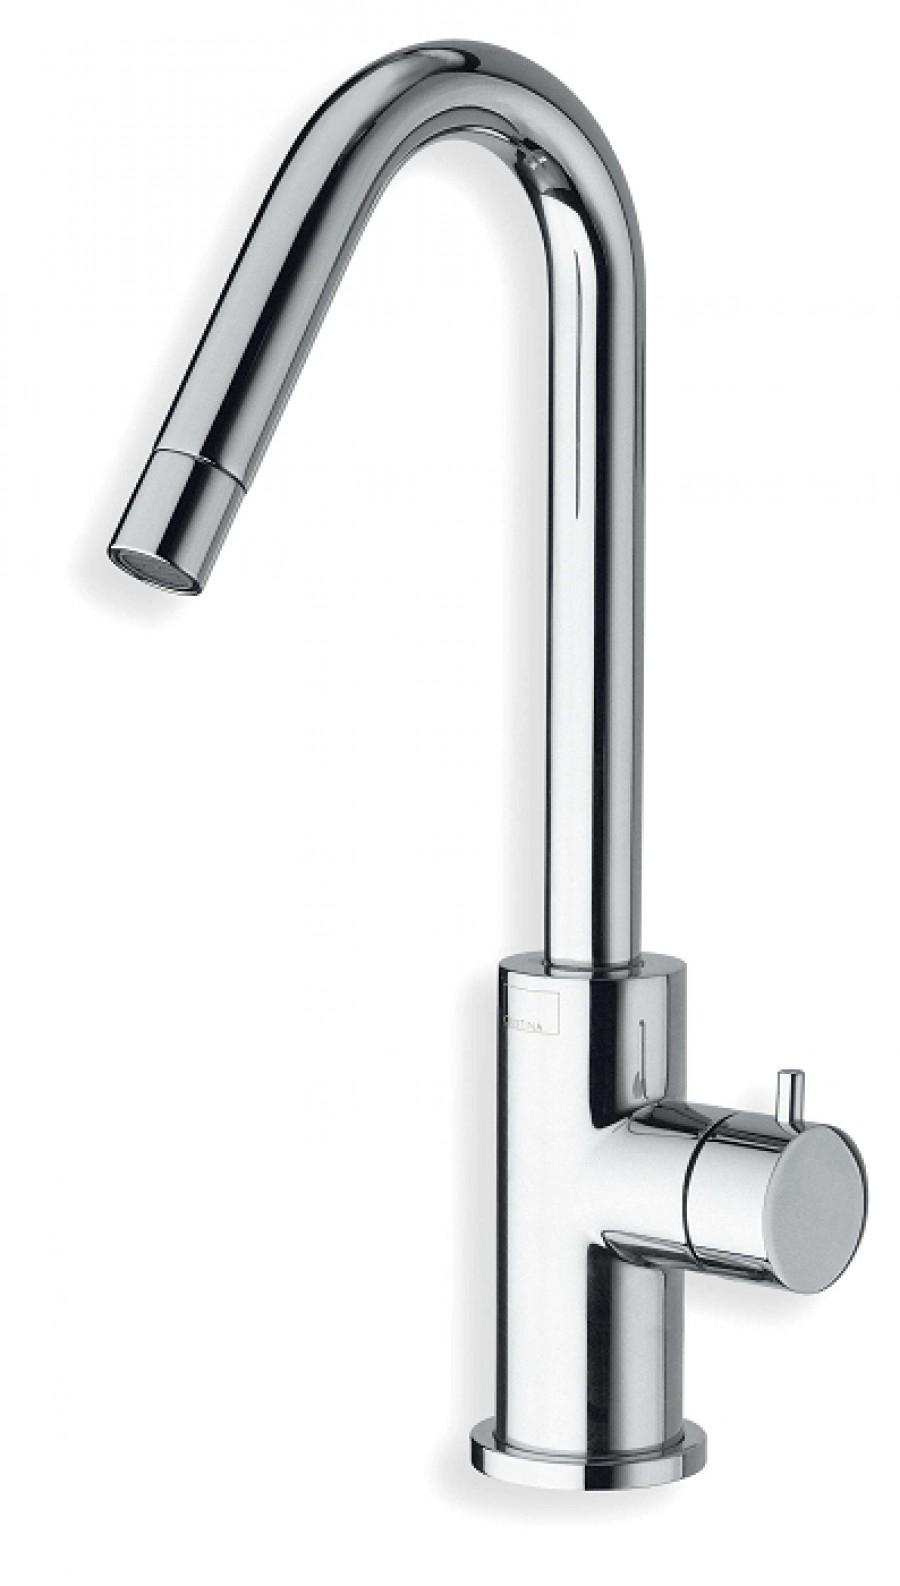 robinet lave mains pique meuble de salle de bain douche baignoire. Black Bedroom Furniture Sets. Home Design Ideas